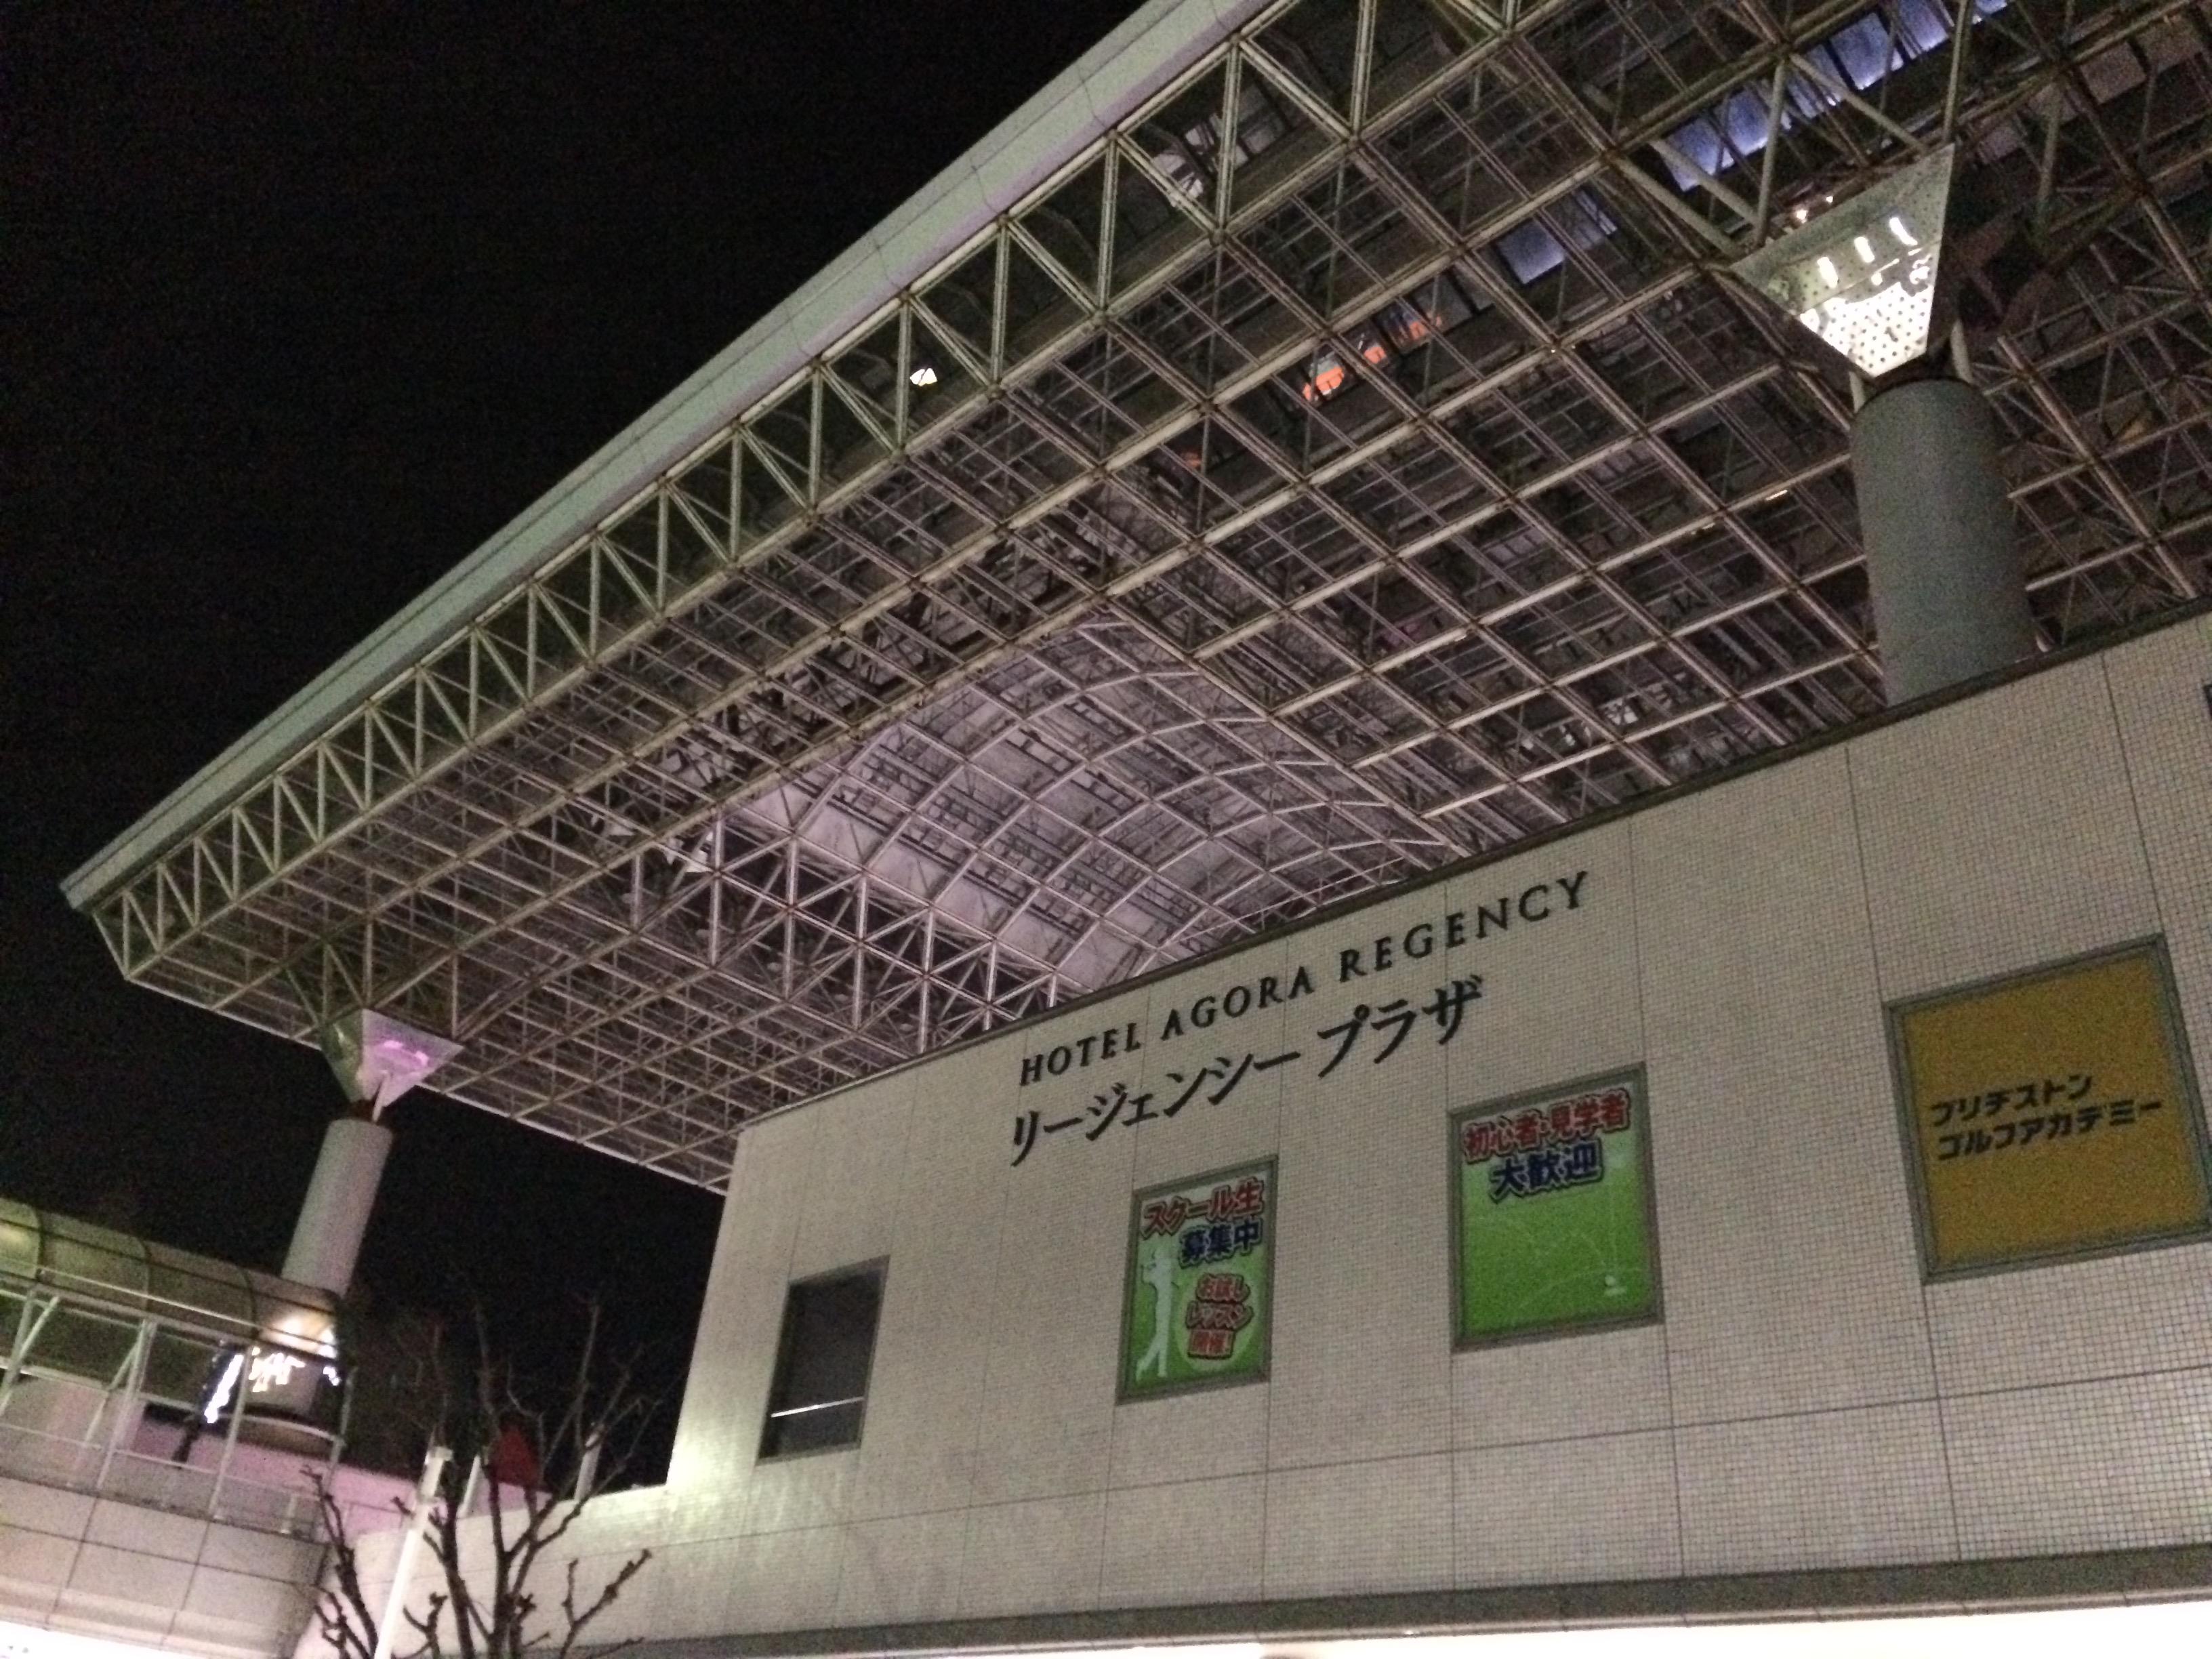 ハイアットリージェンシー堺の夜景-2018